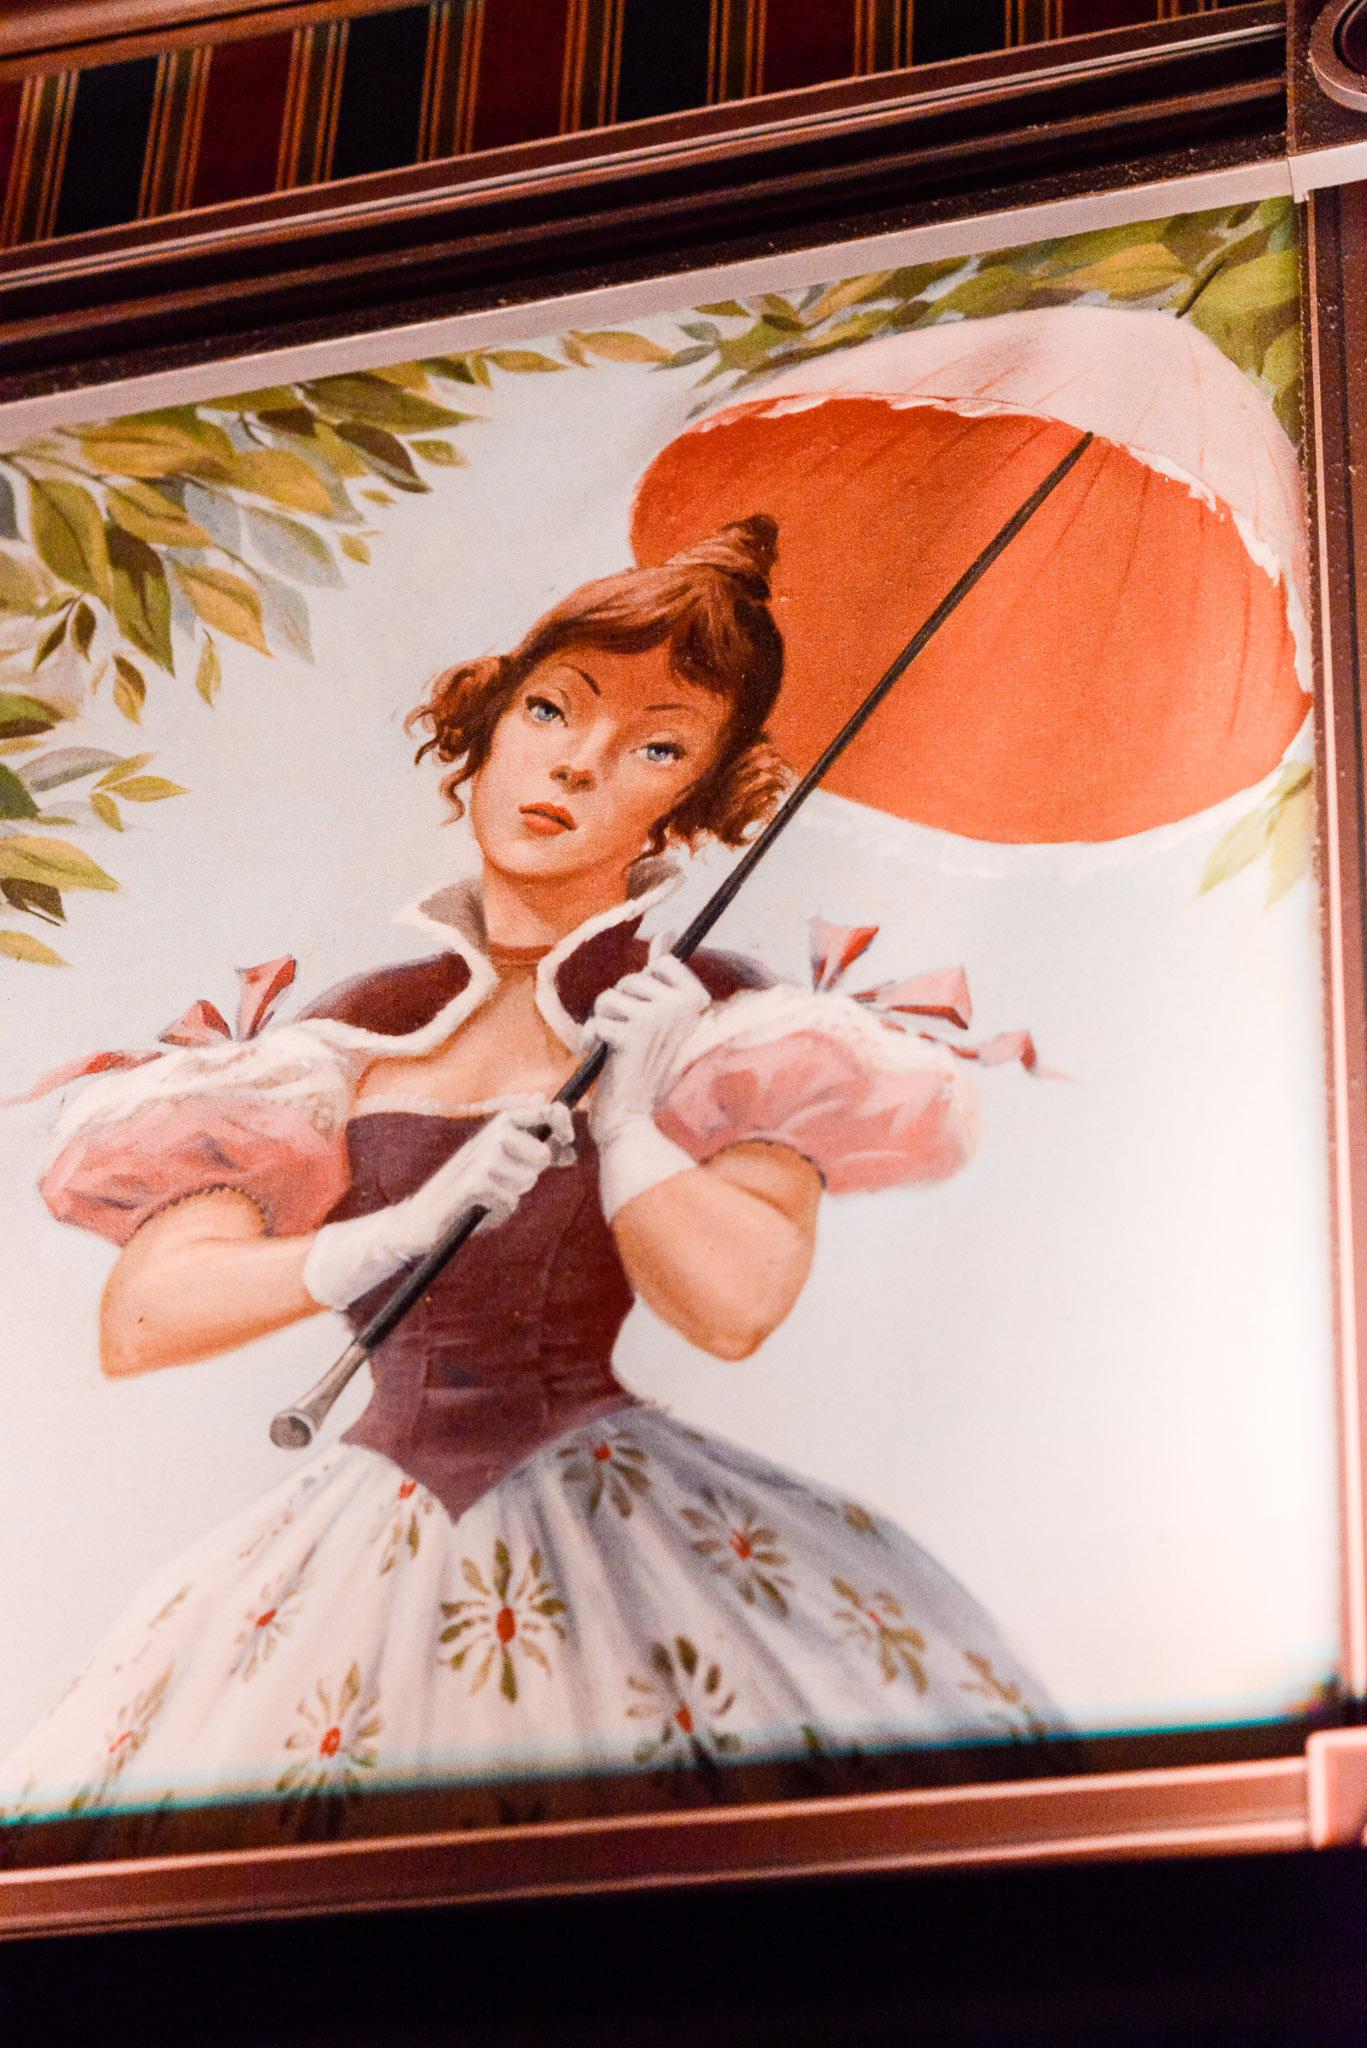 Haunted Mansion Parasol Girl - Walt Disney World Magic Kingdom